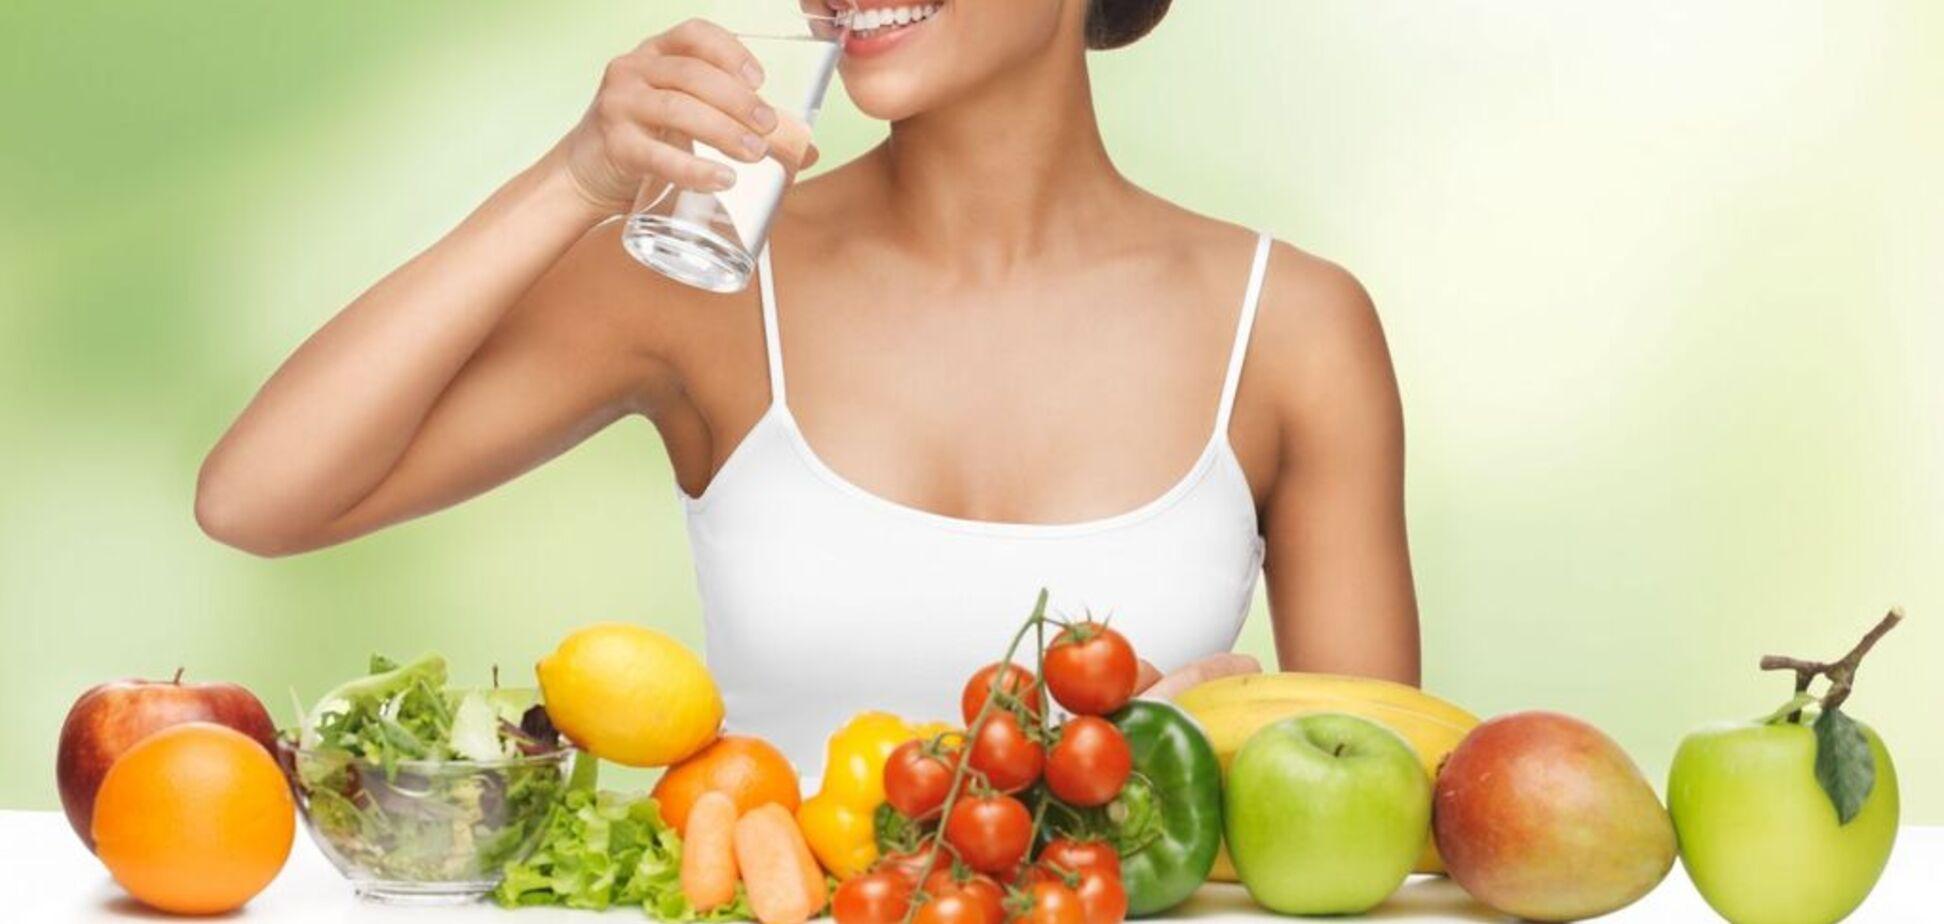 Правильне харчування: 6 основних харчових трендів 2020 року